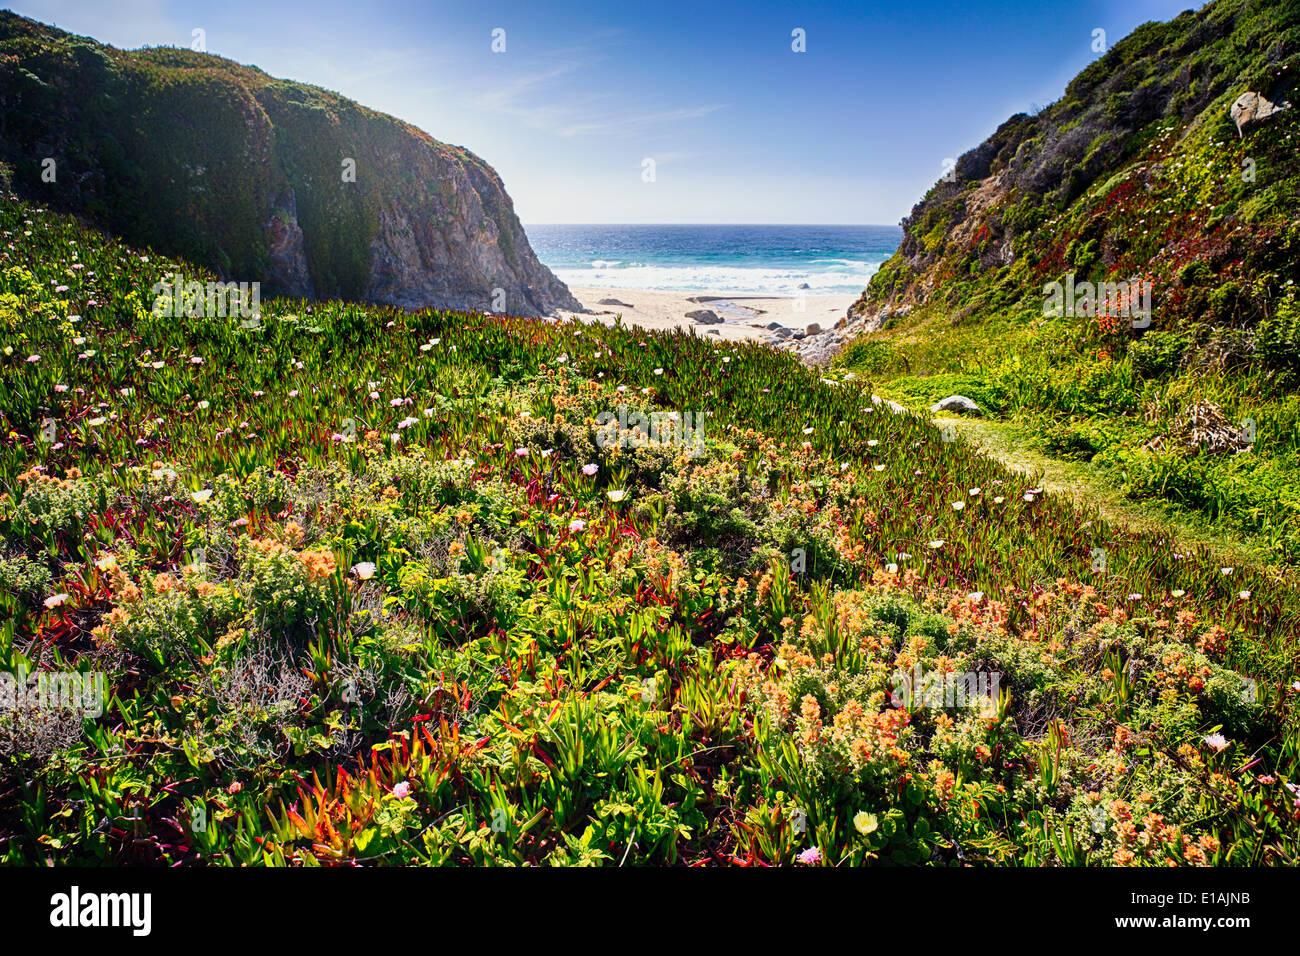 LowAngle vista di un prato costiere con rigogliosi fiori selvatici, Graapate parco statale, Big Sur, California Immagini Stock